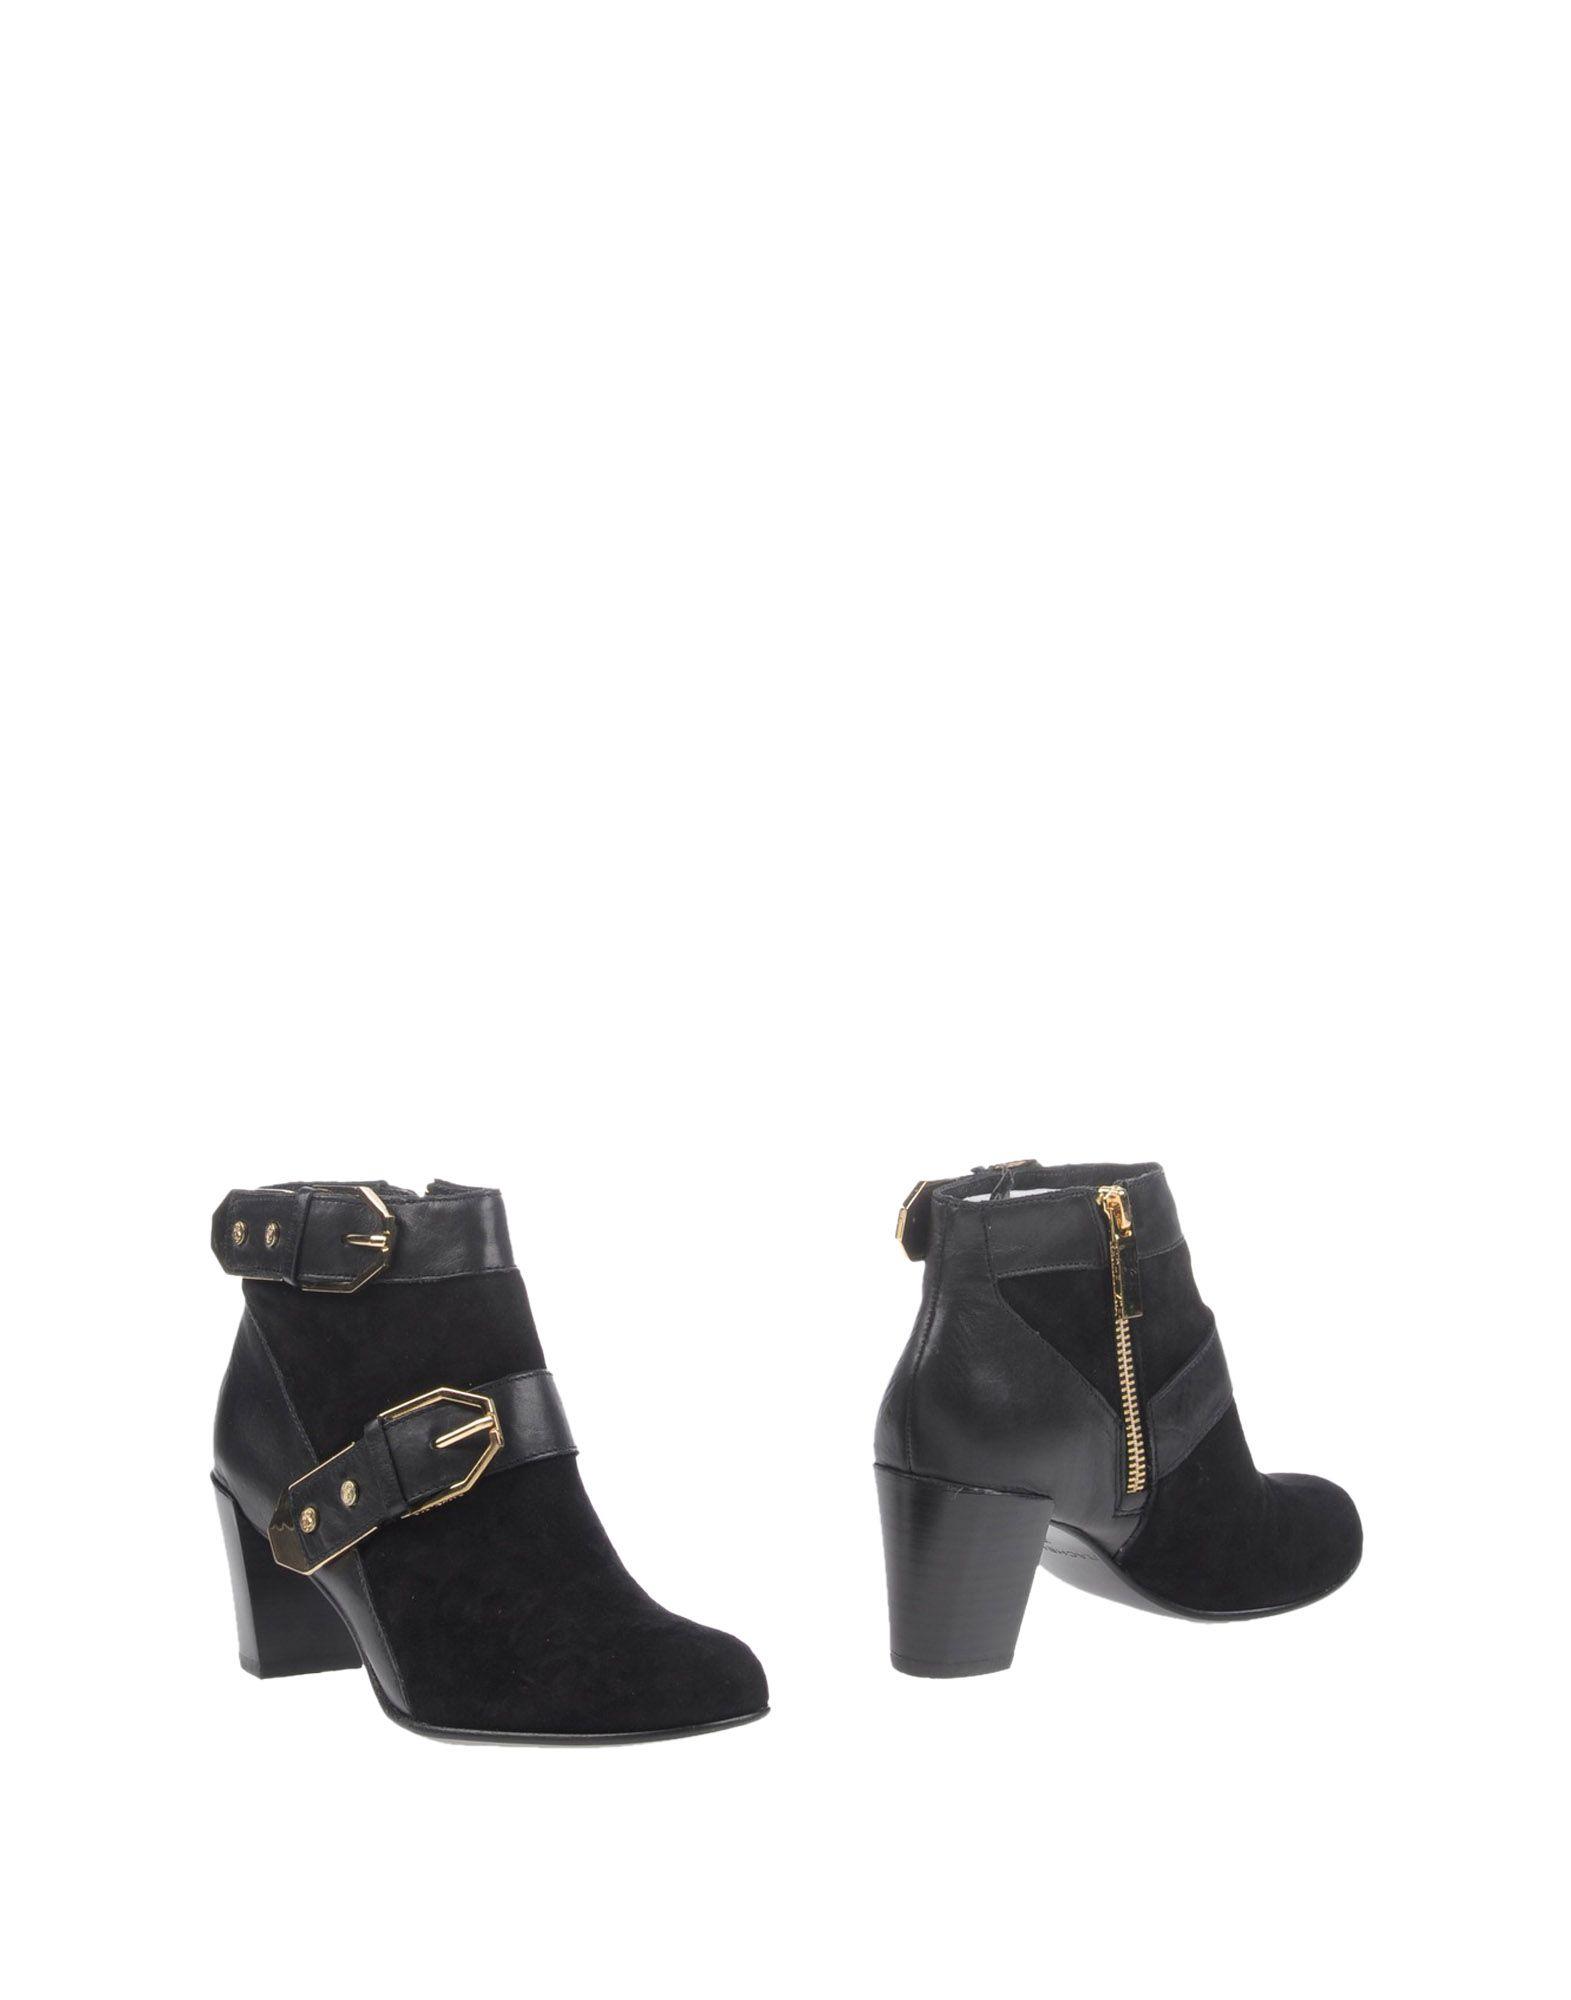 Rachel Zoe Stiefelette Damen  11193727CX Gute Qualität beliebte Schuhe